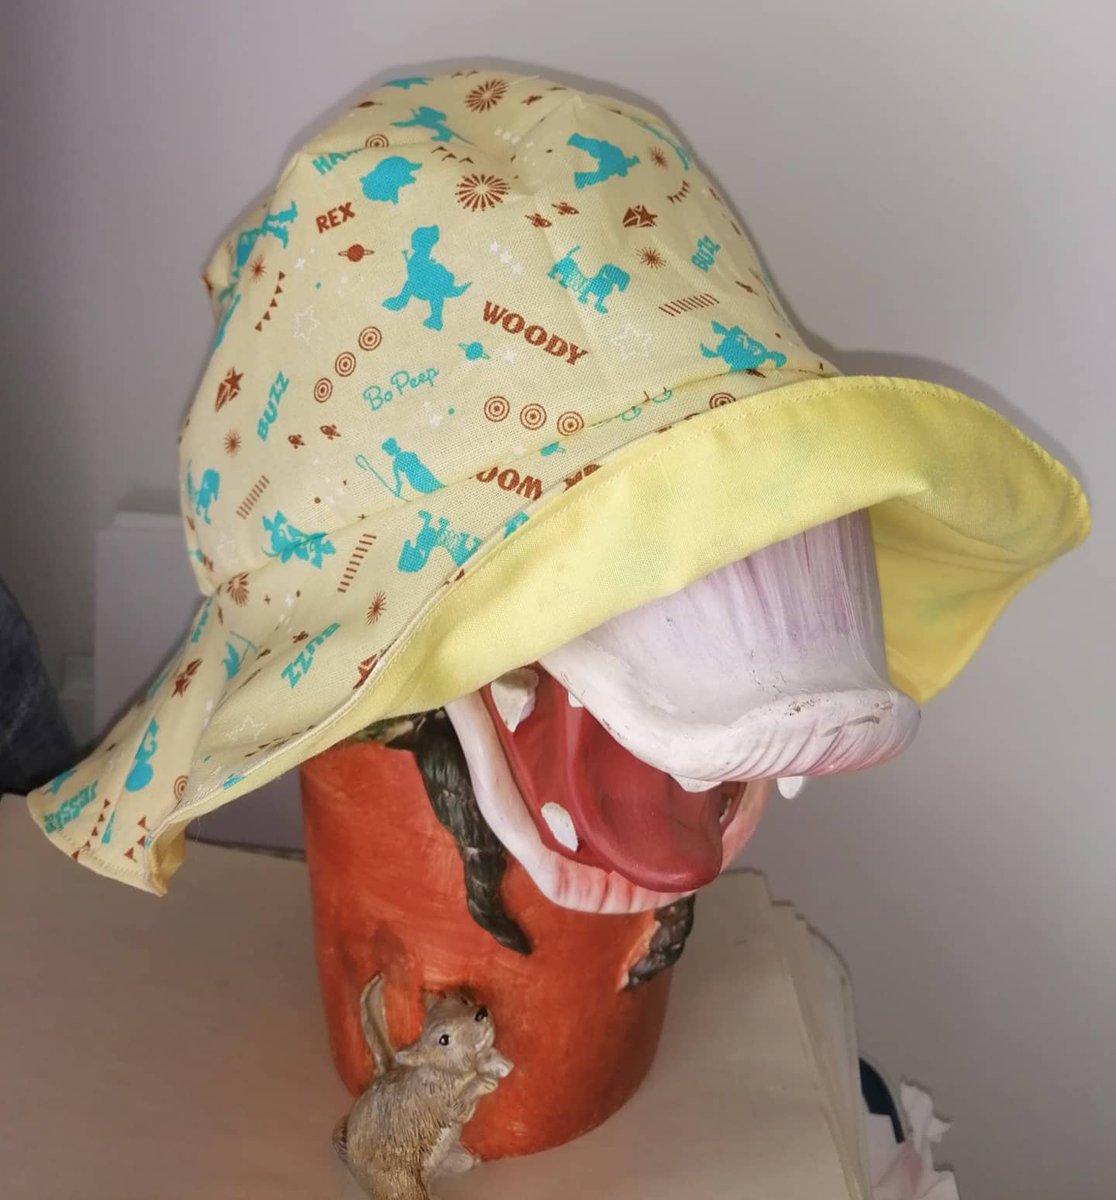 #toystory #sunhat #HandmadeInUK #worldwideposting #SmallBusiness #handmade #sewing #cotton https://t.co/mmjgjUBEi3